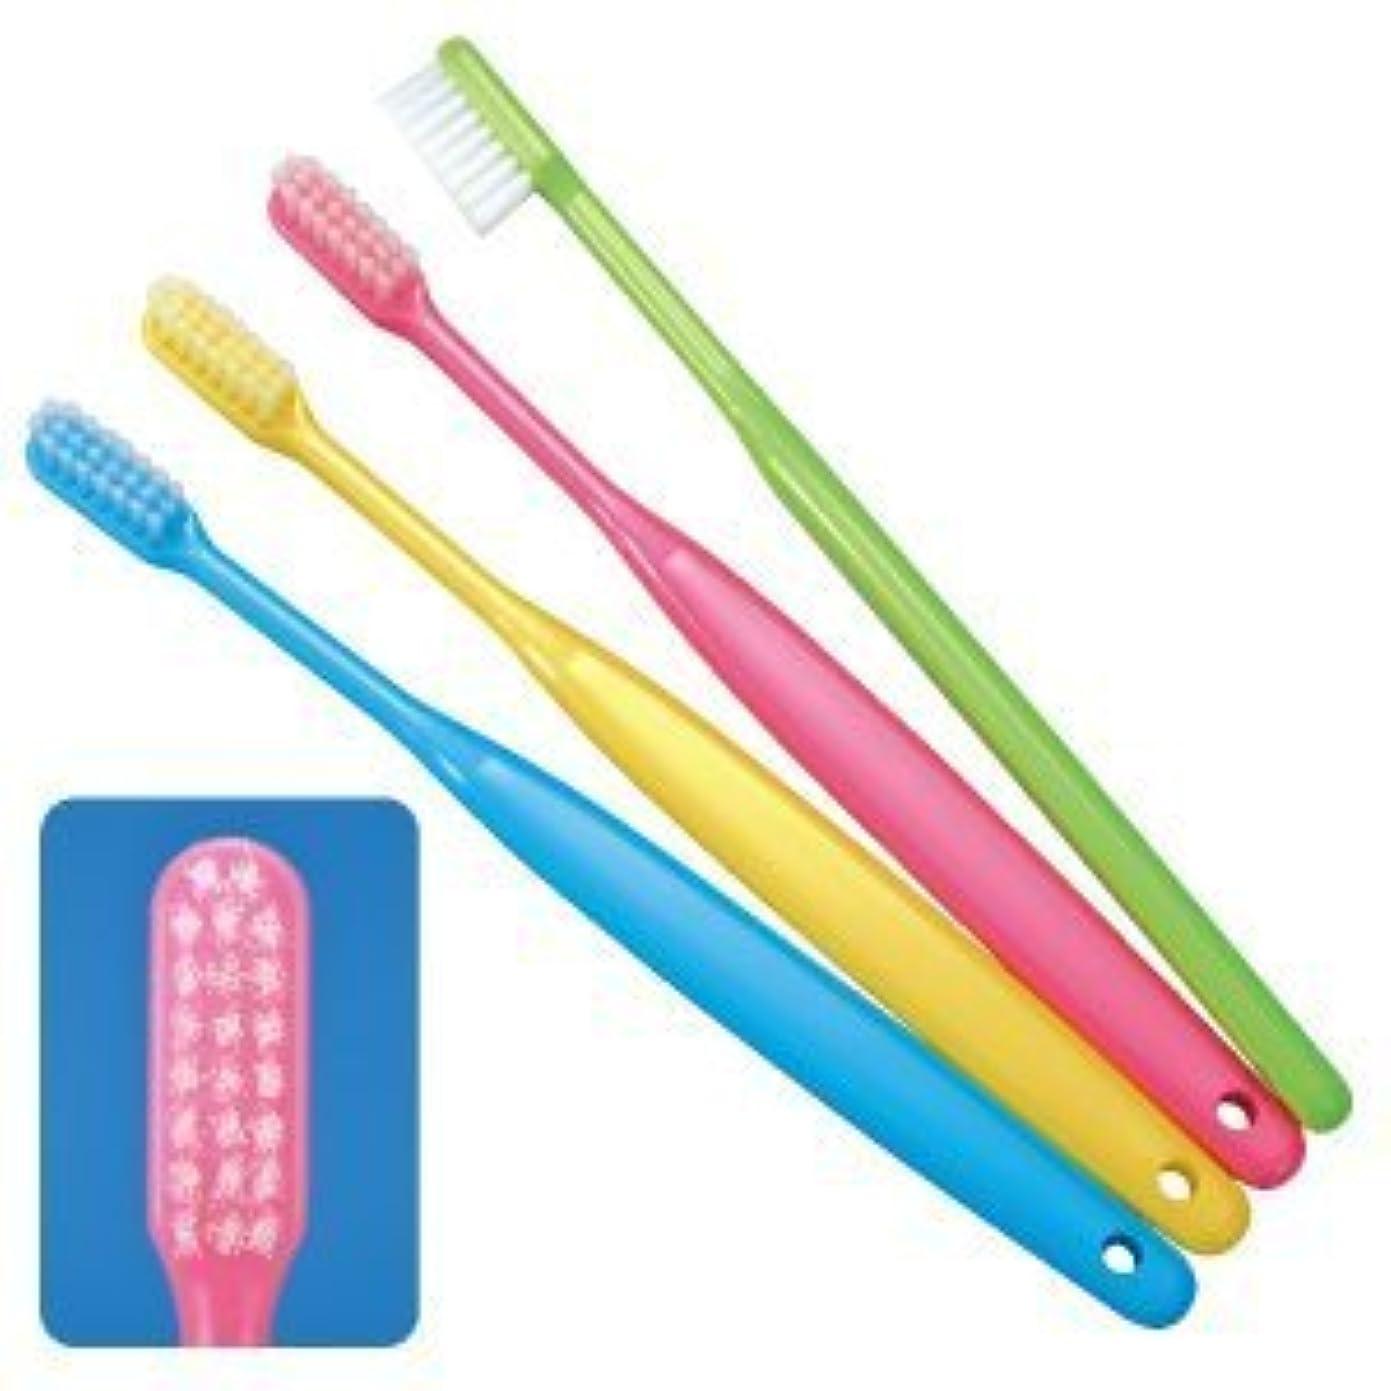 変える粘液故意にCi バリュー歯ブラシ Sやわらかめ ピンク 50本入り